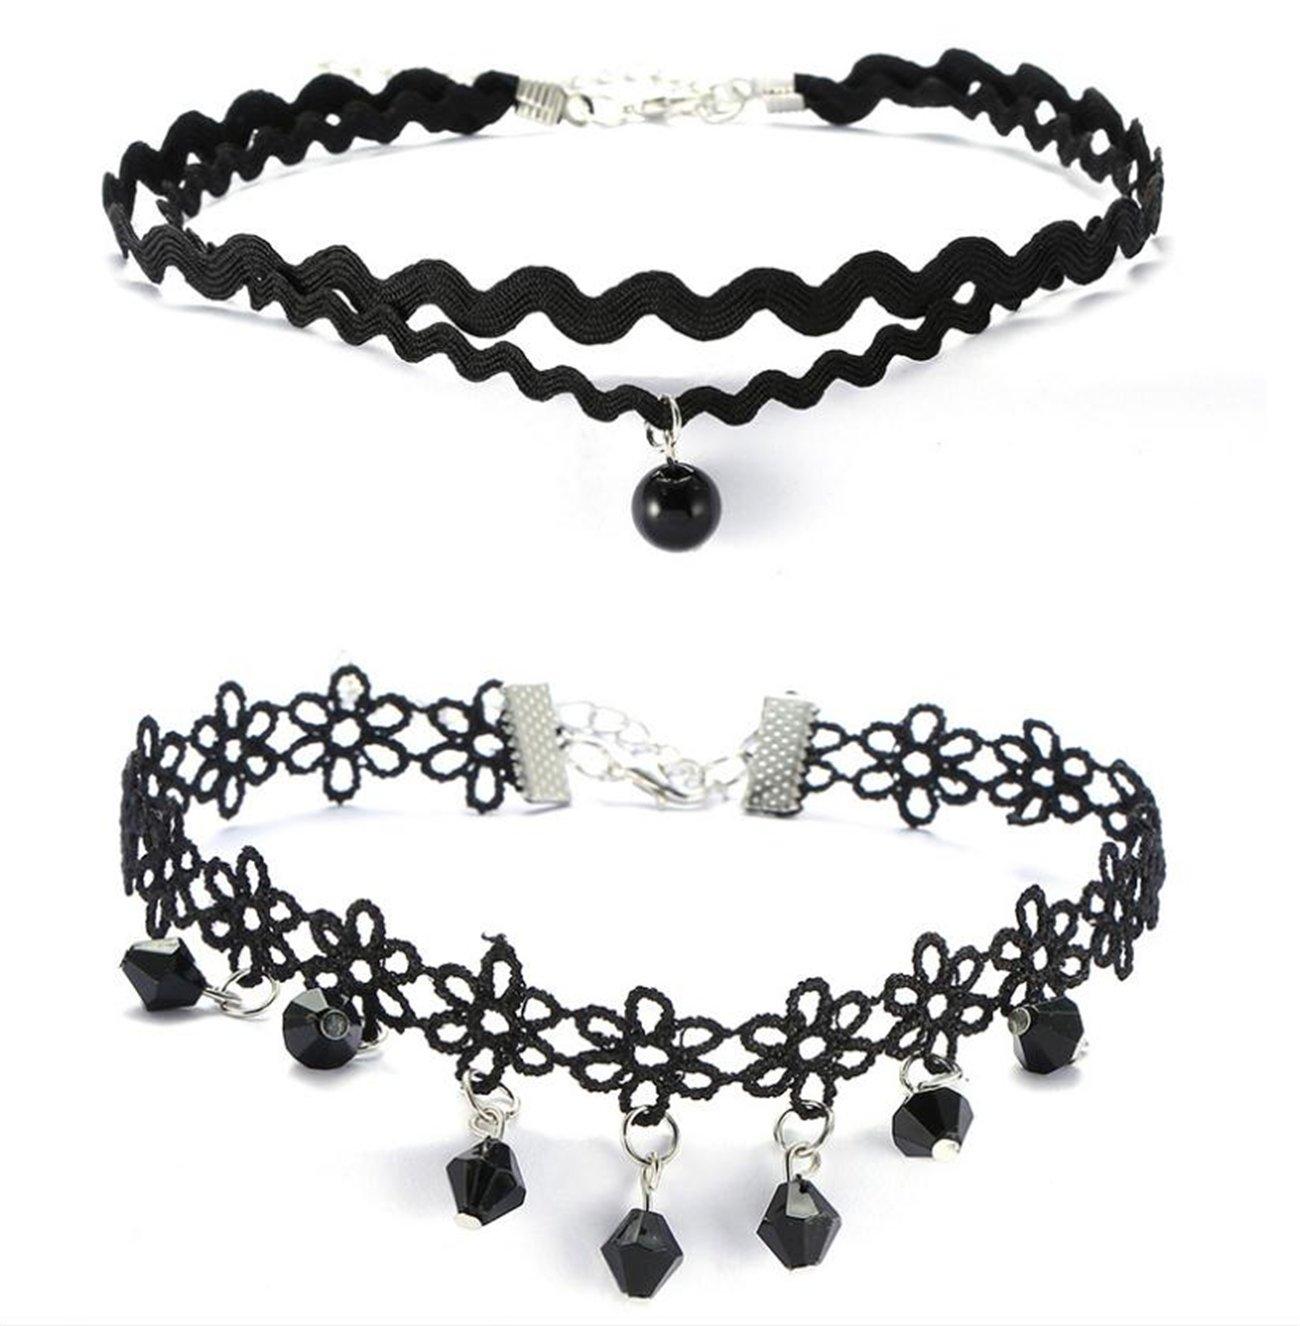 Colore Nero Stile Tatuaggio IHRKleid/® Set di 12 collane Girocollo in Pizzo Vellutato per Ragazze e Ragazze Punk Gotico